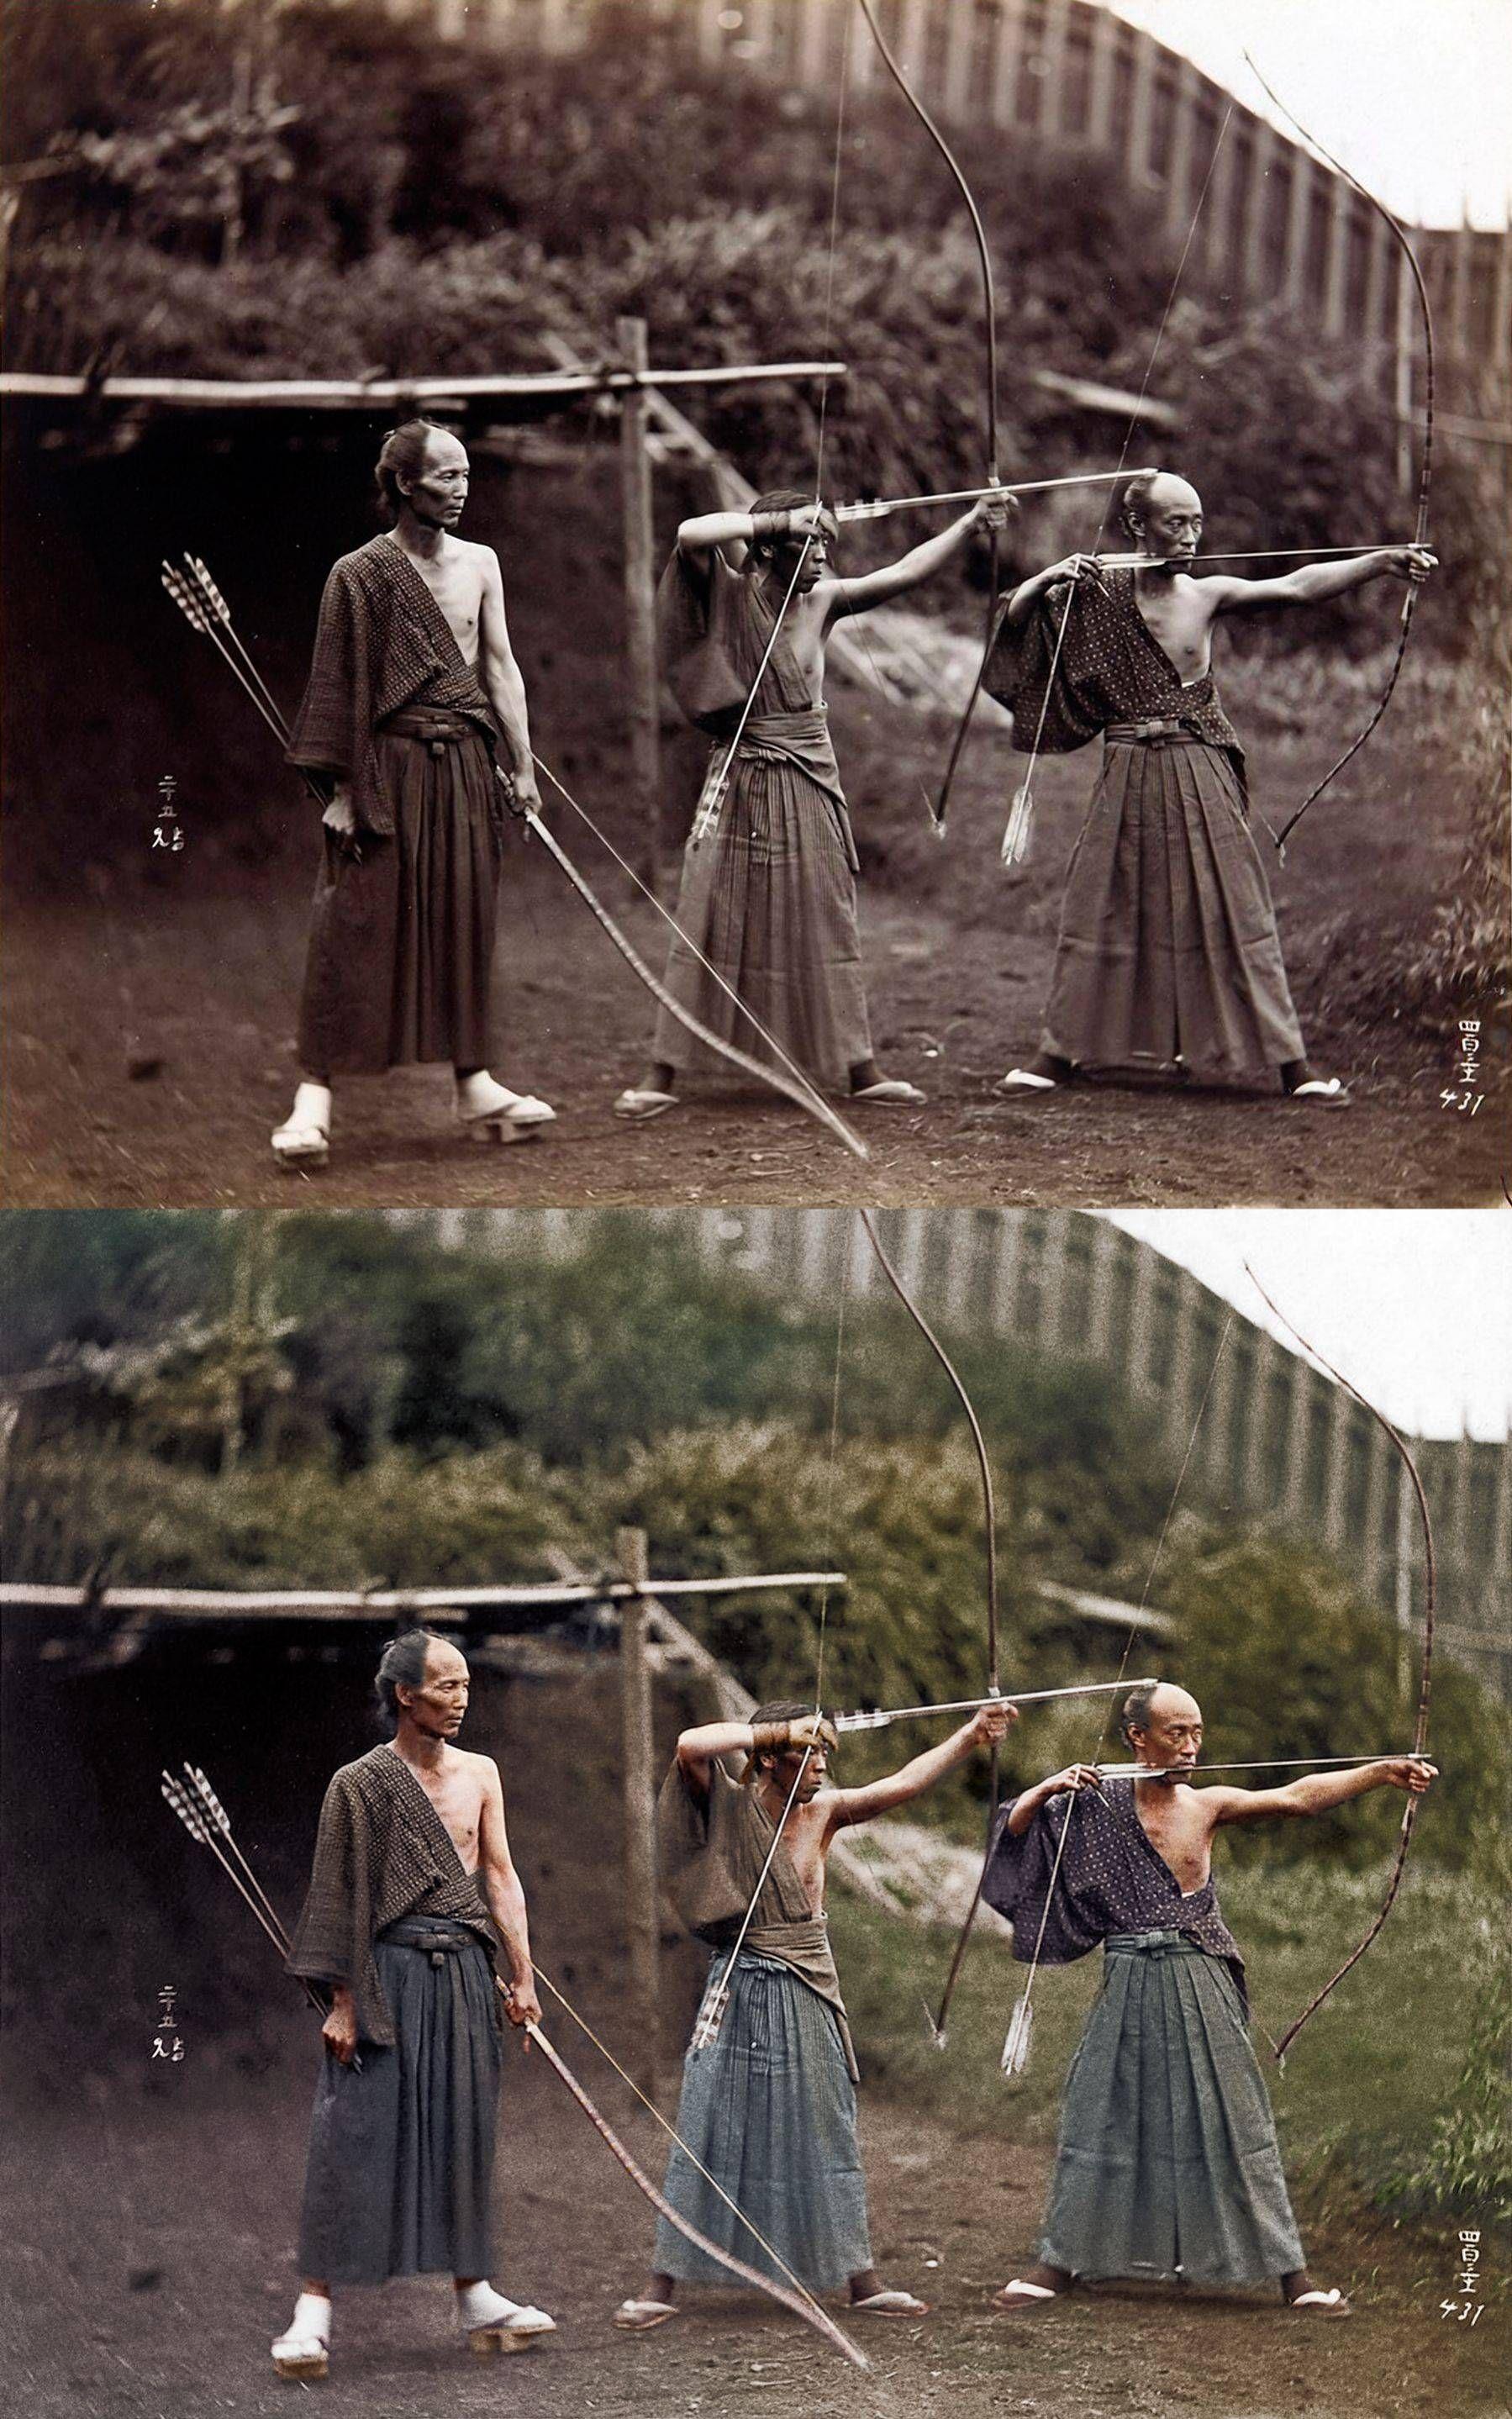 Kyudōka 弓道家 Japanese Archers C 1860 写真 歴史的な写真 写真のアイデア